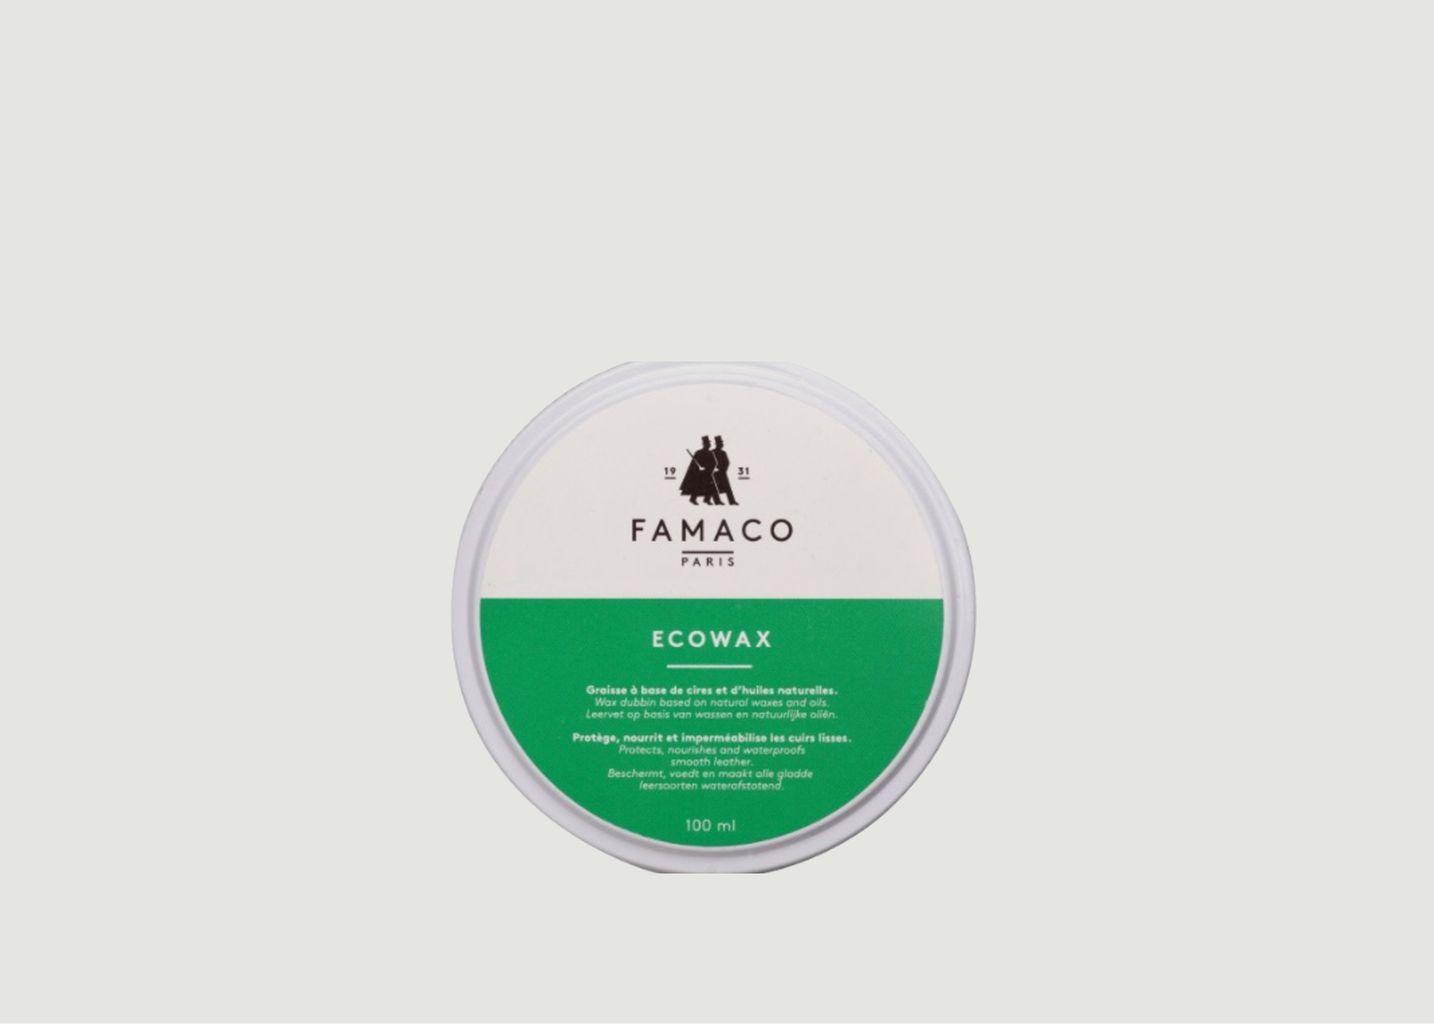 Graisse A Base De Cire Naturelle Eco Wax - Famaco Paris